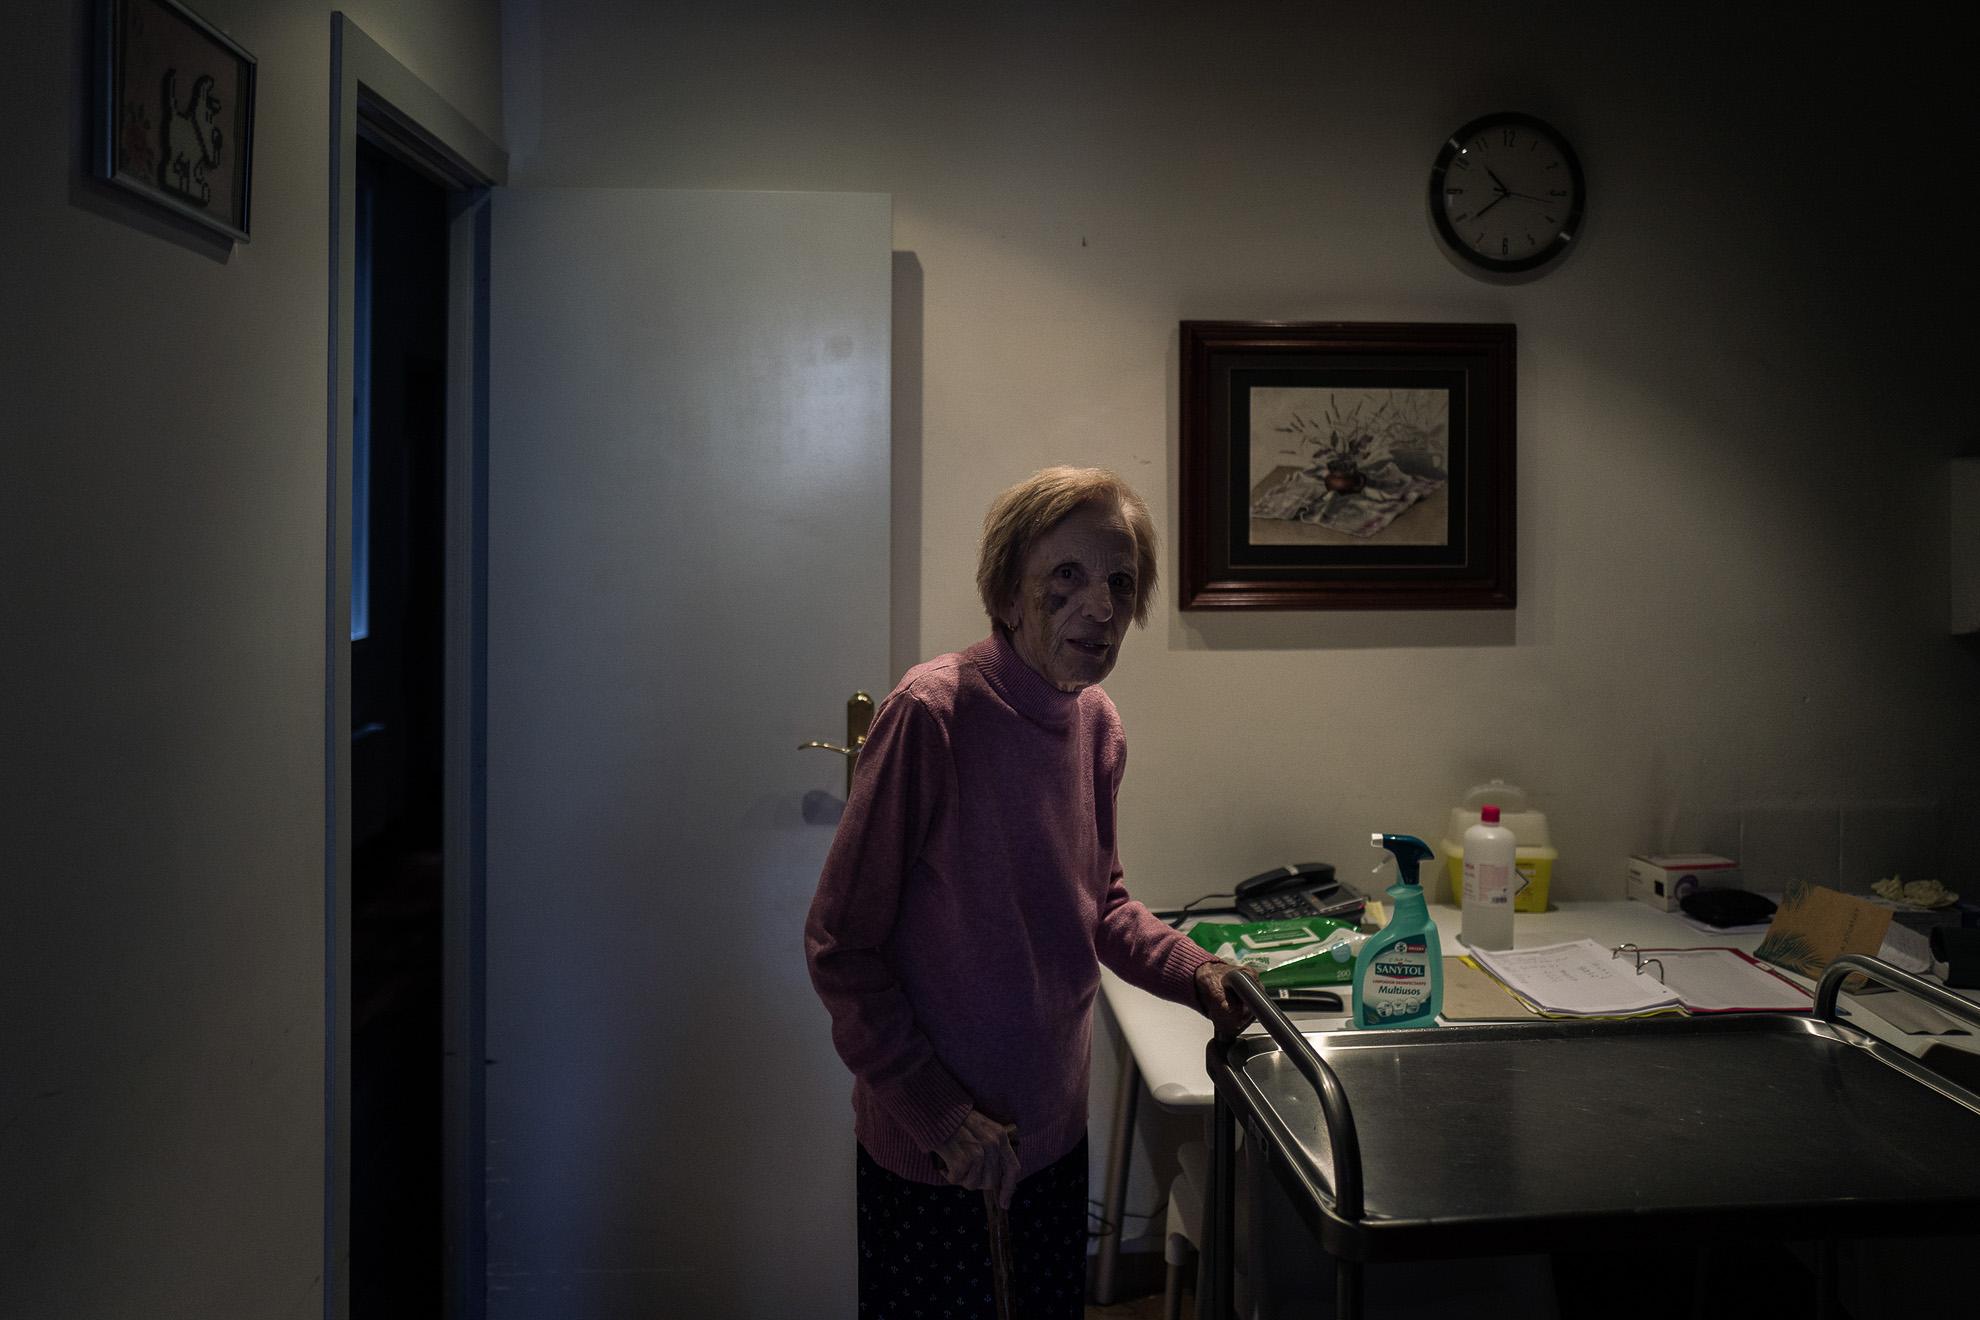 """La señora Irene Azpiroz se acerca a la cocina de uno de los pisos en la residencia Centro Geriàtric Gure-Etxea.// """"Envejecer es como escalar una gran montaña; mientras se sube, las fuerzas disminuyen, pero la mirada es más libre, la vista más amplia y serena."""" –Ingmar Bergman"""